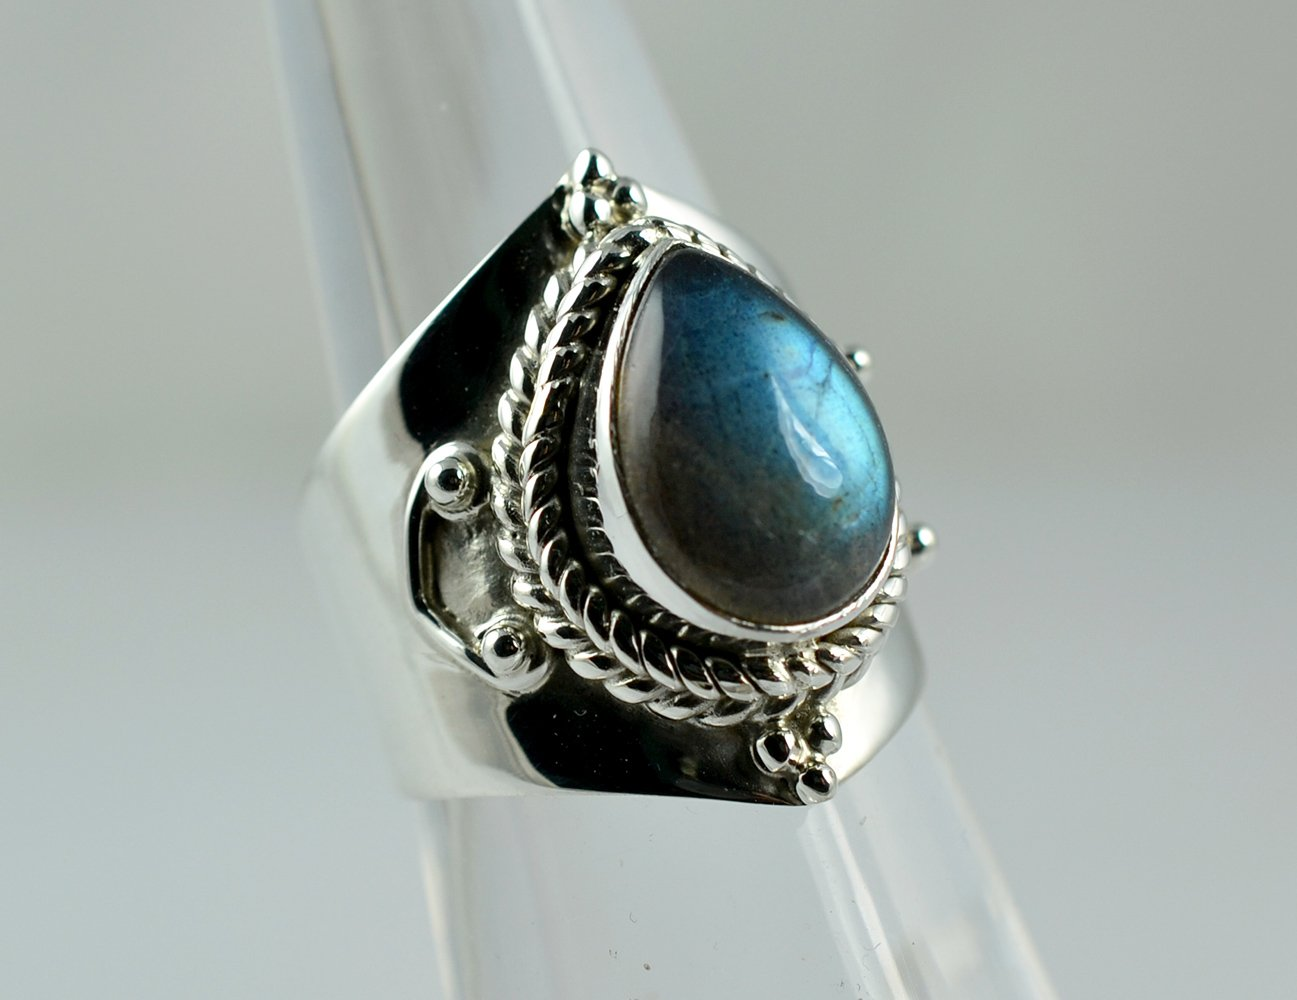 anillo de plata labradorita fuego azul tama/ño 4 a 31 ES anillo de plata joyer/ía hecha a mano Anillo de plata labradorita plata de ley 925